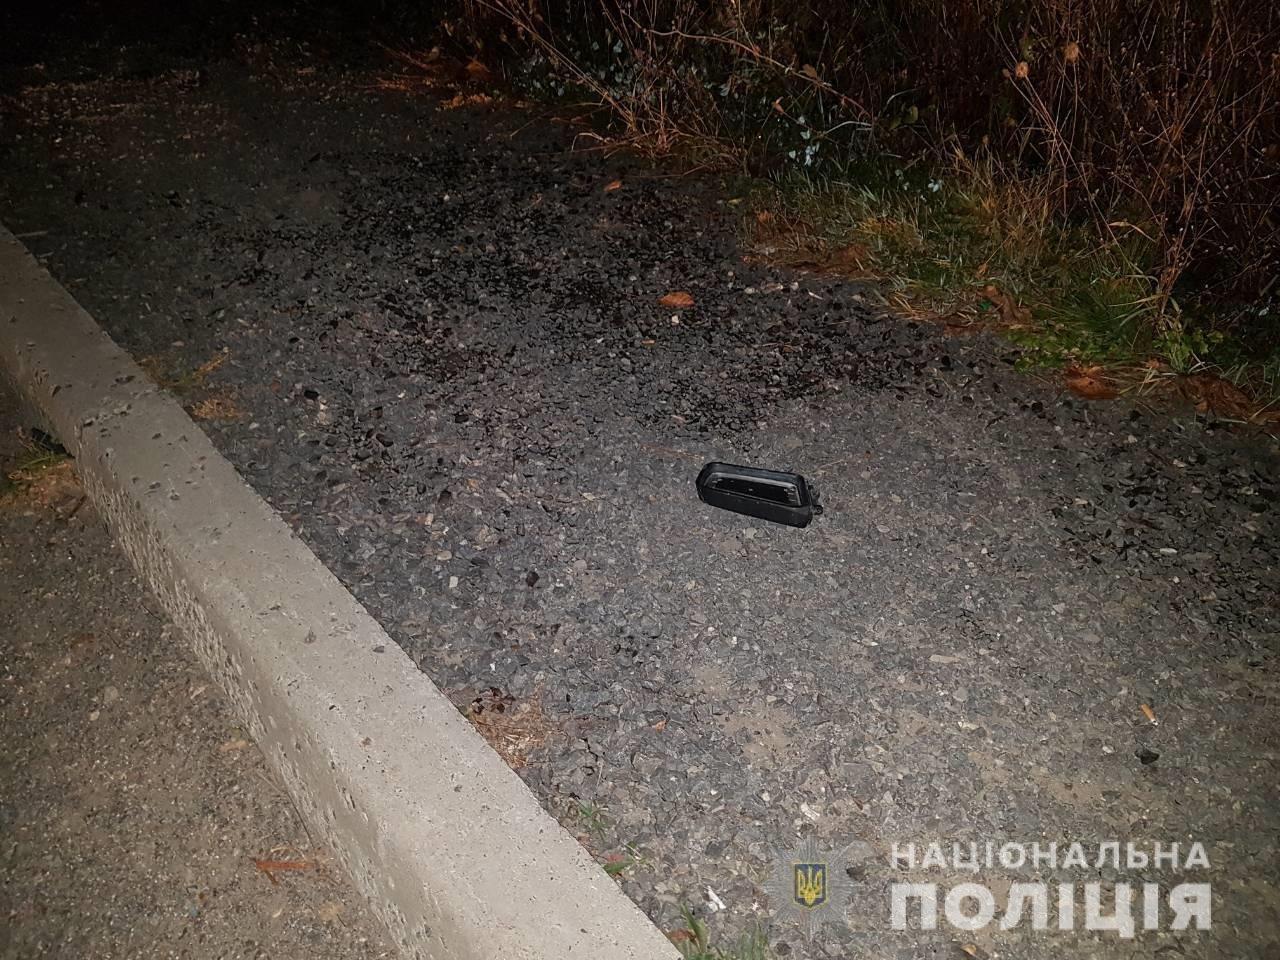 П'яний закарпатець за кермом ВАЗу збив юнака та втік з місця ДТП (ФОТО), фото-2